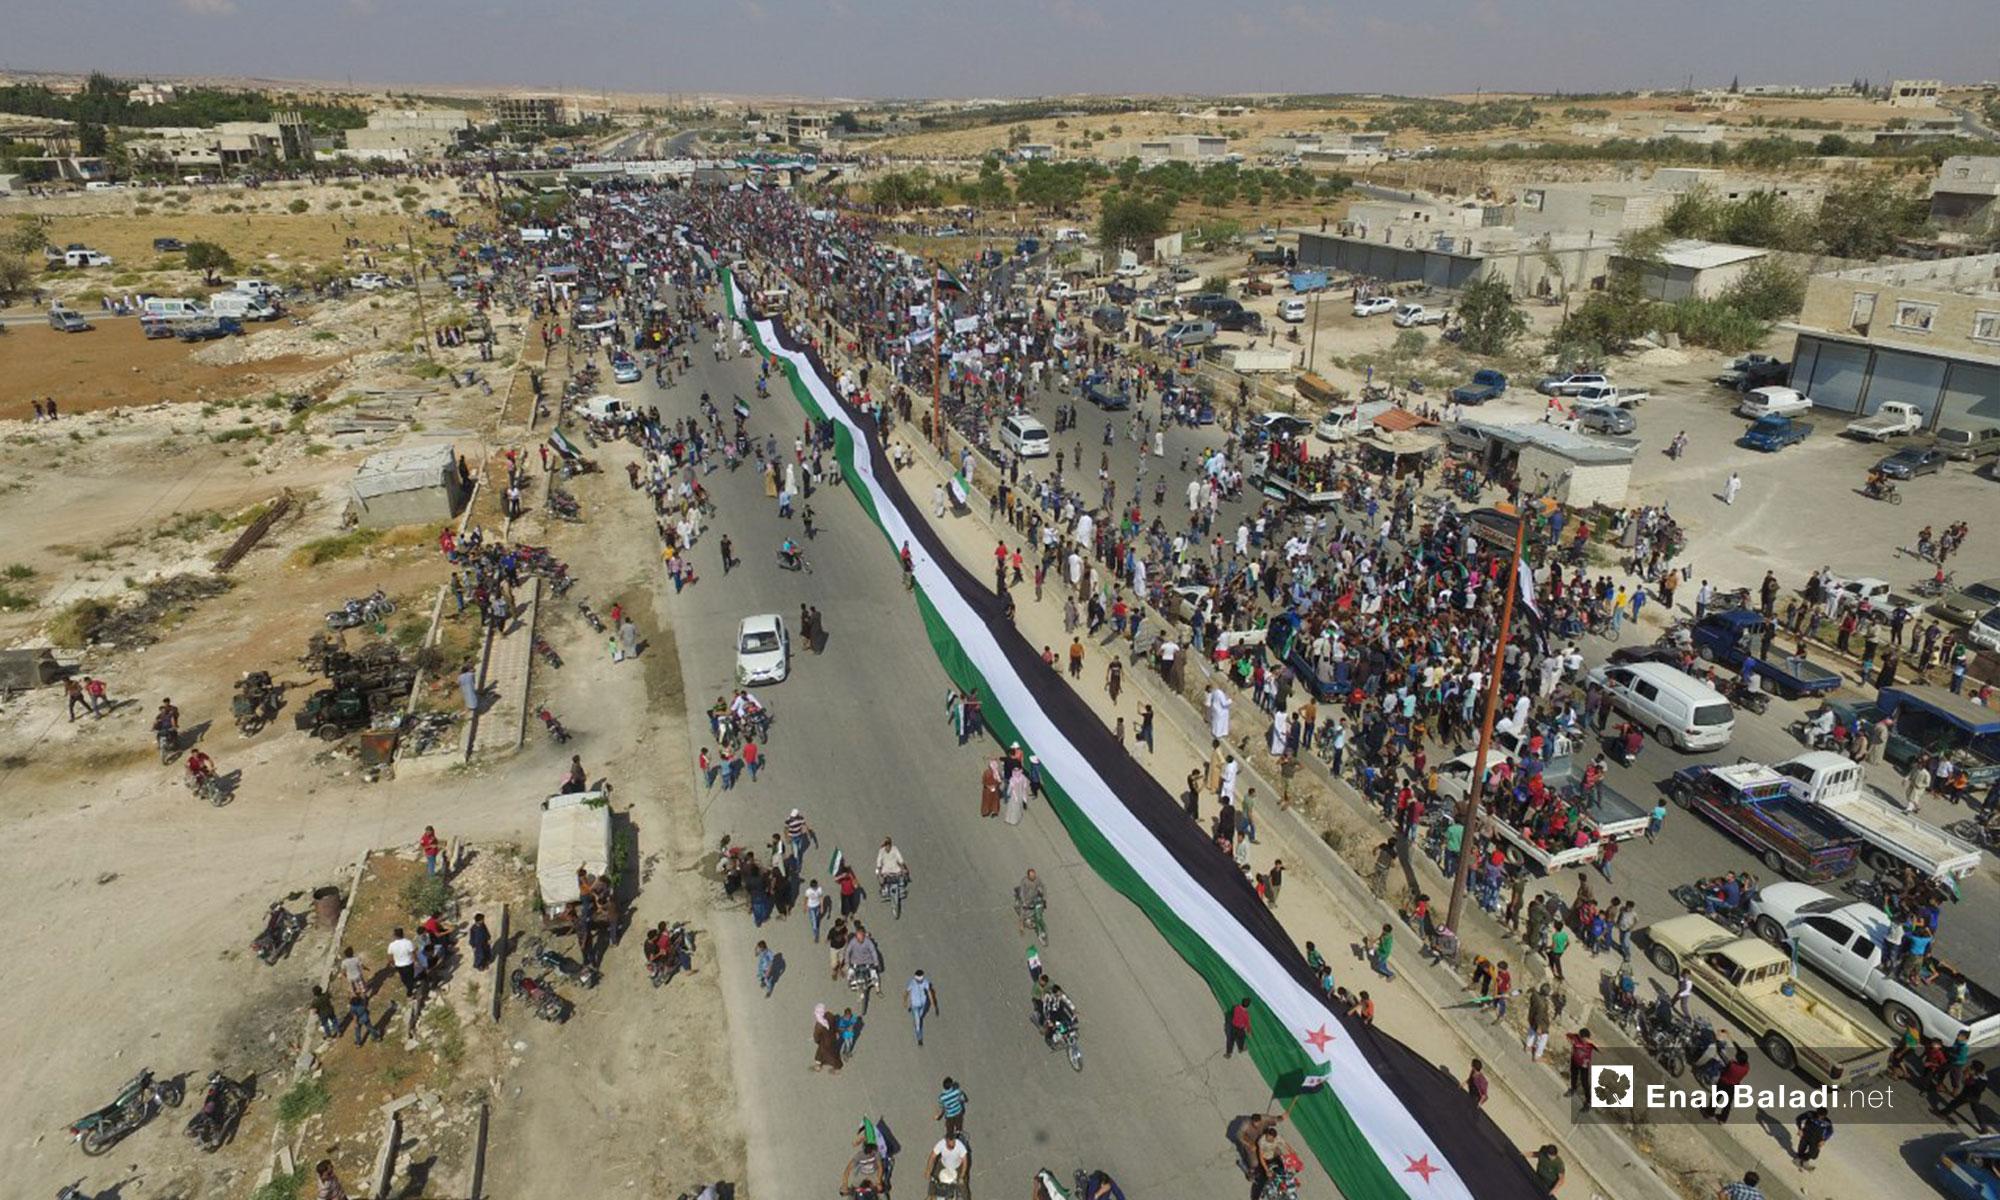 مظاهرة في معرة النعمان تطالب بتجديد الثورة - 21 من أيلول 2018 (عنب بلدي)